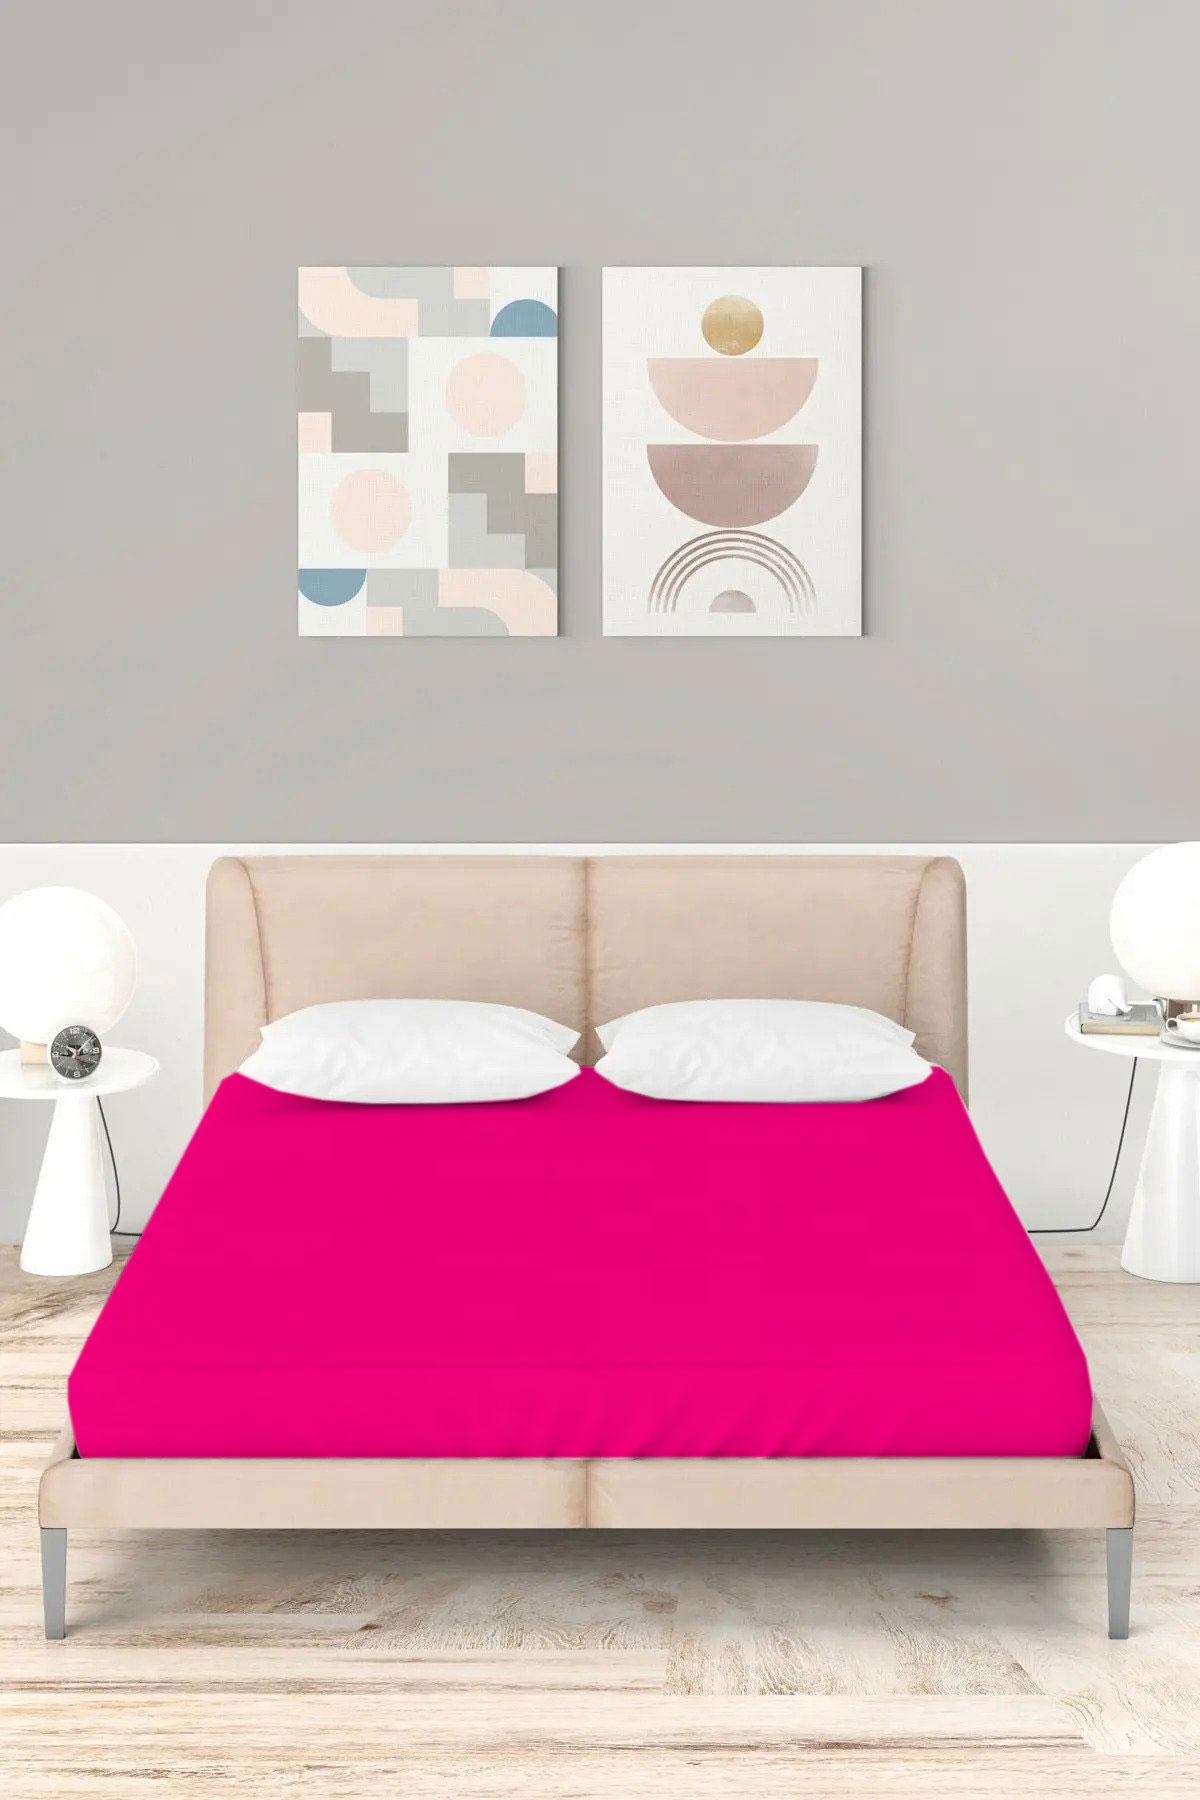 ملاية سرير مزدوجة مرنة قطن- 160*200 سم